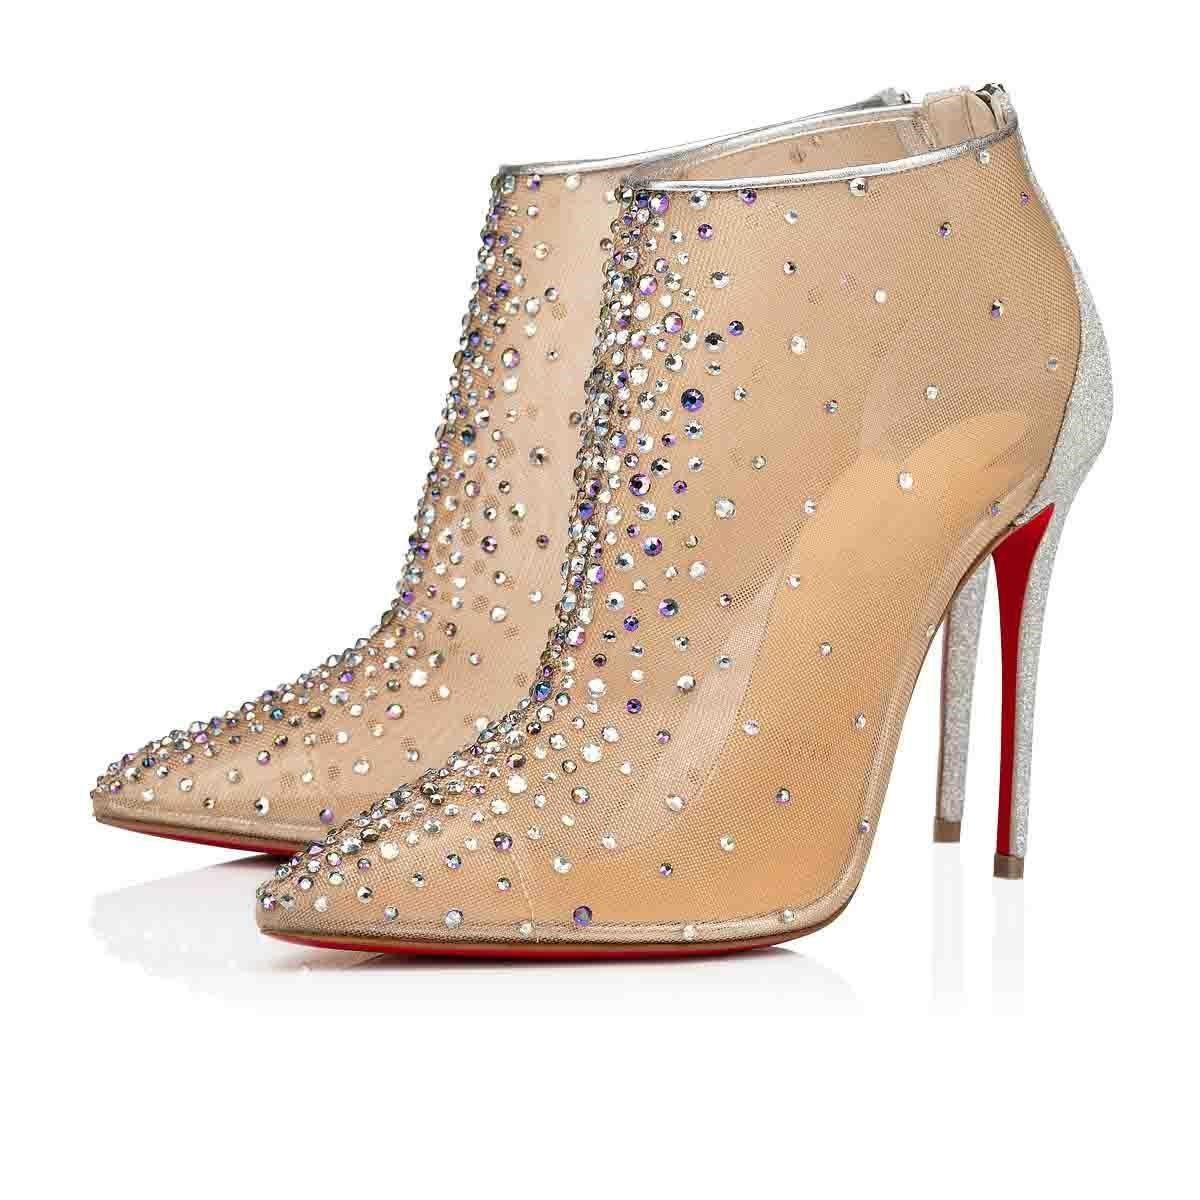 سيدة فستان زفاف الحذاء الأحمر أسفل الحماقات نوع من الكريستال عاري شبكة والفضة بريق البسيطة كعب المرأة الكعب العالي Constella bootie حذاء 100MM